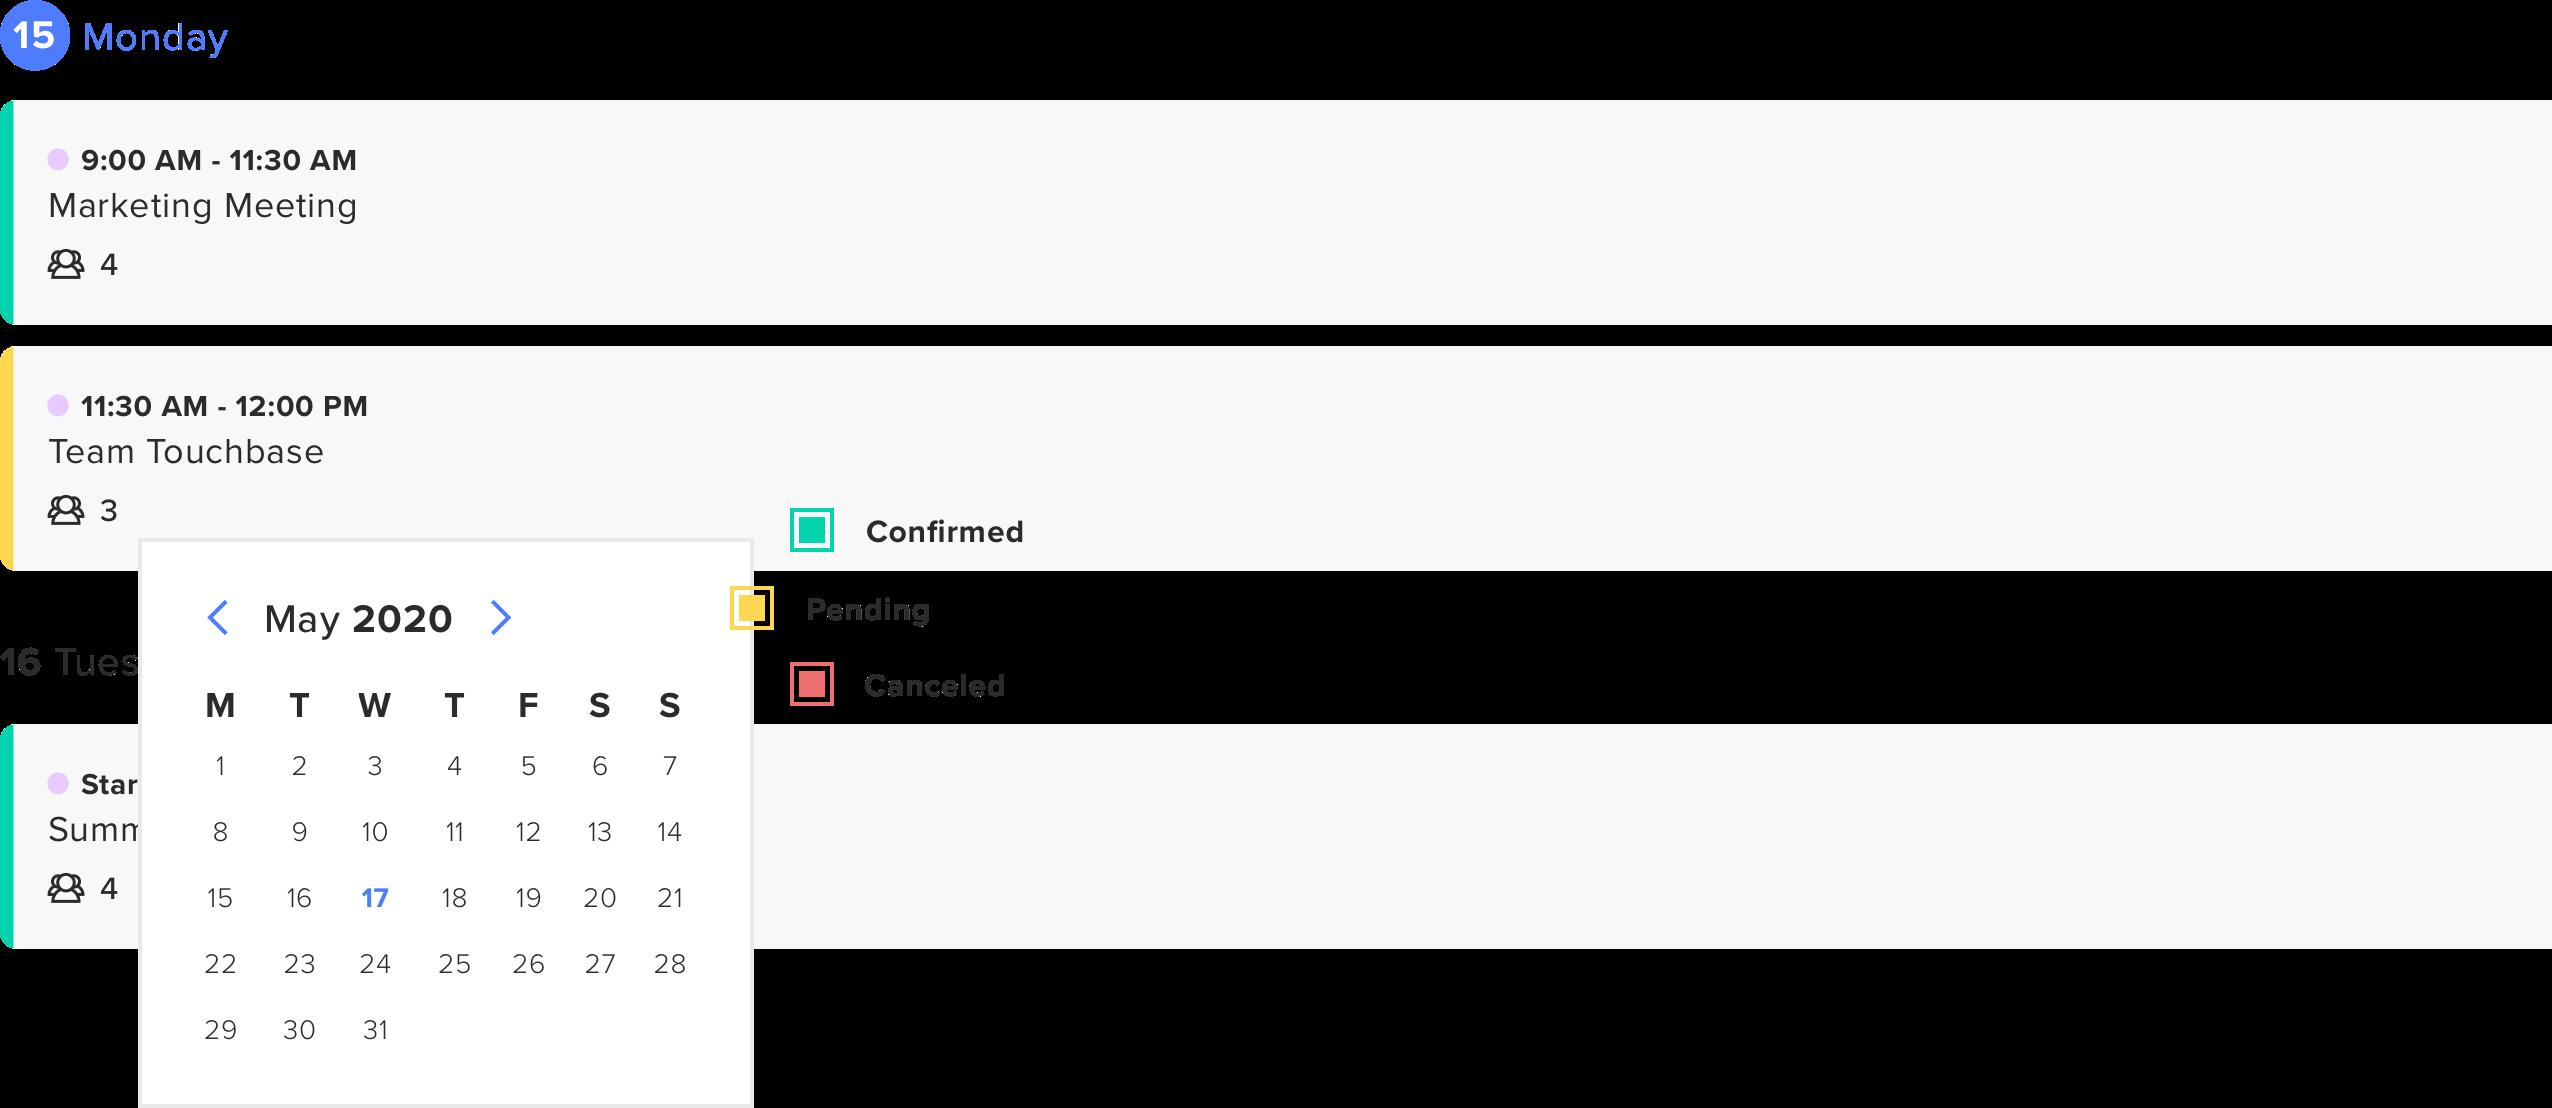 Checkin On Scheduling Status